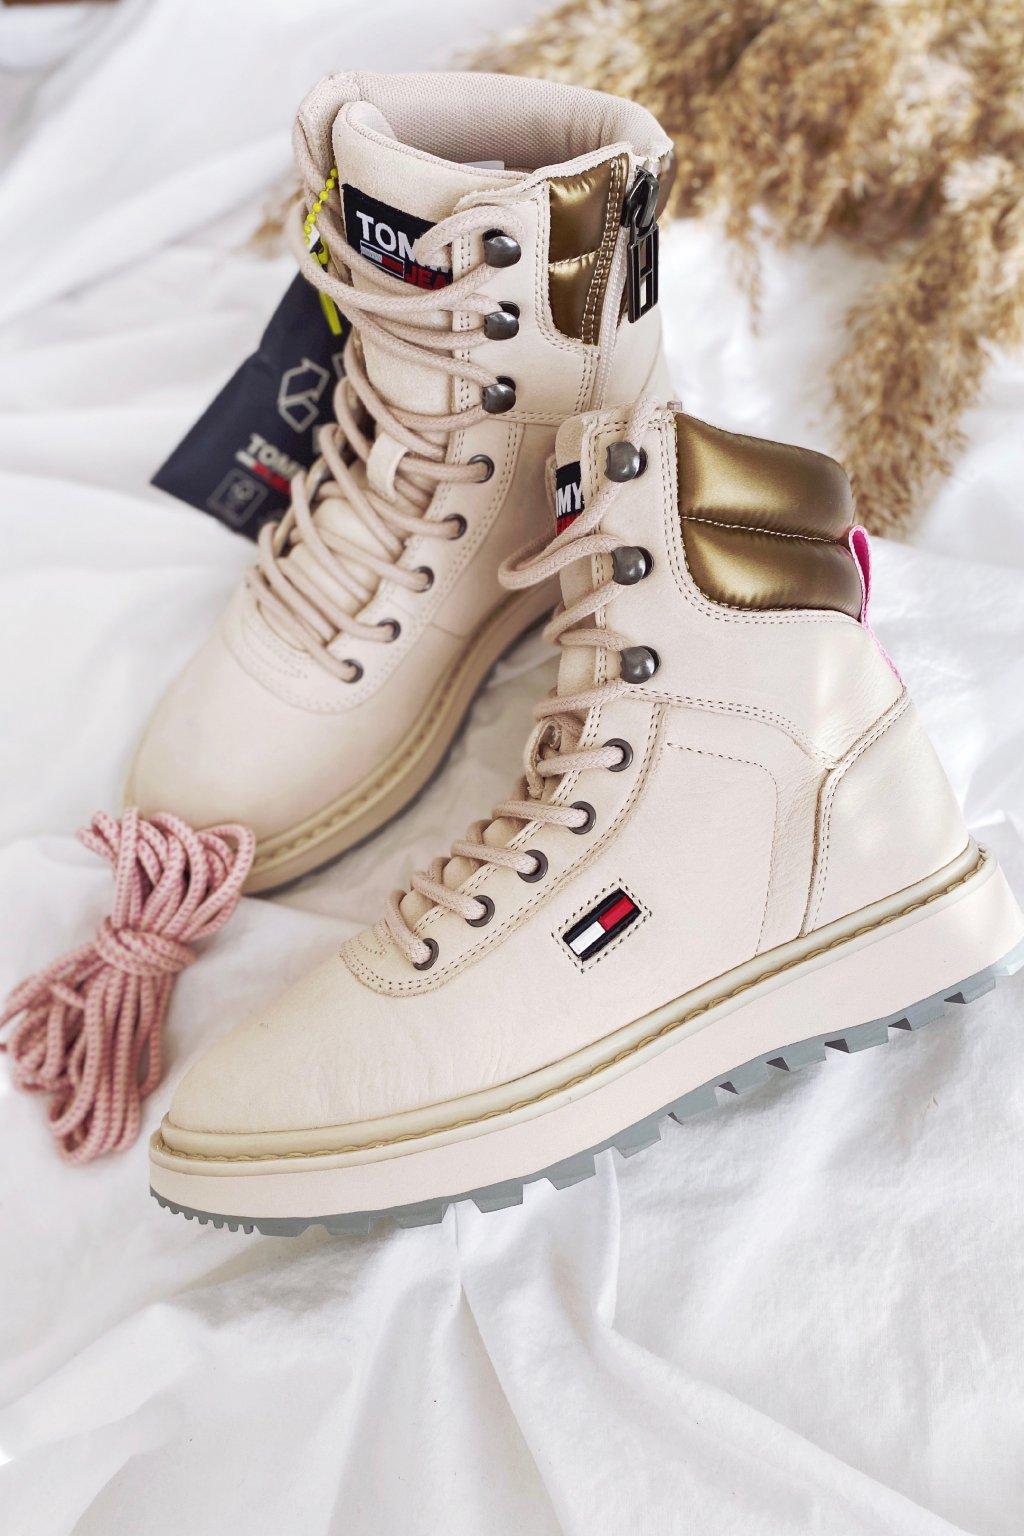 Tommy Jeans Lace-up Cleat boty dámské - béžové